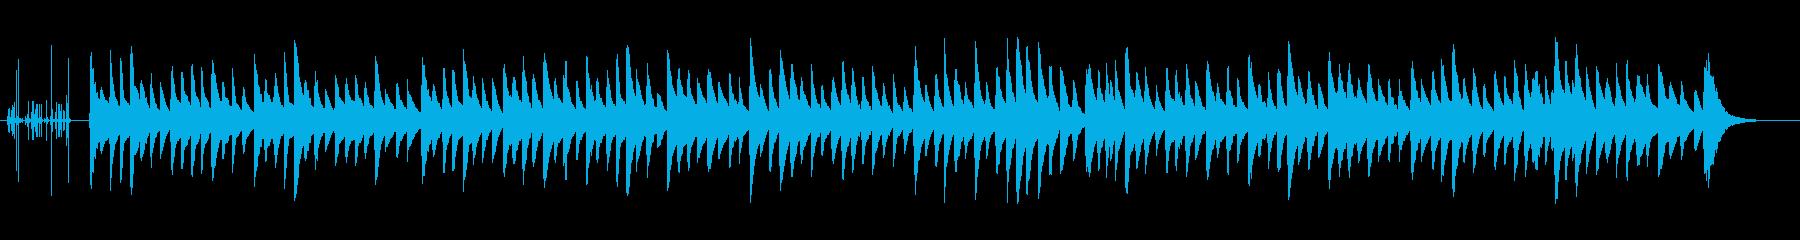 クラシック調の優しい子守唄(オルゴール)の再生済みの波形